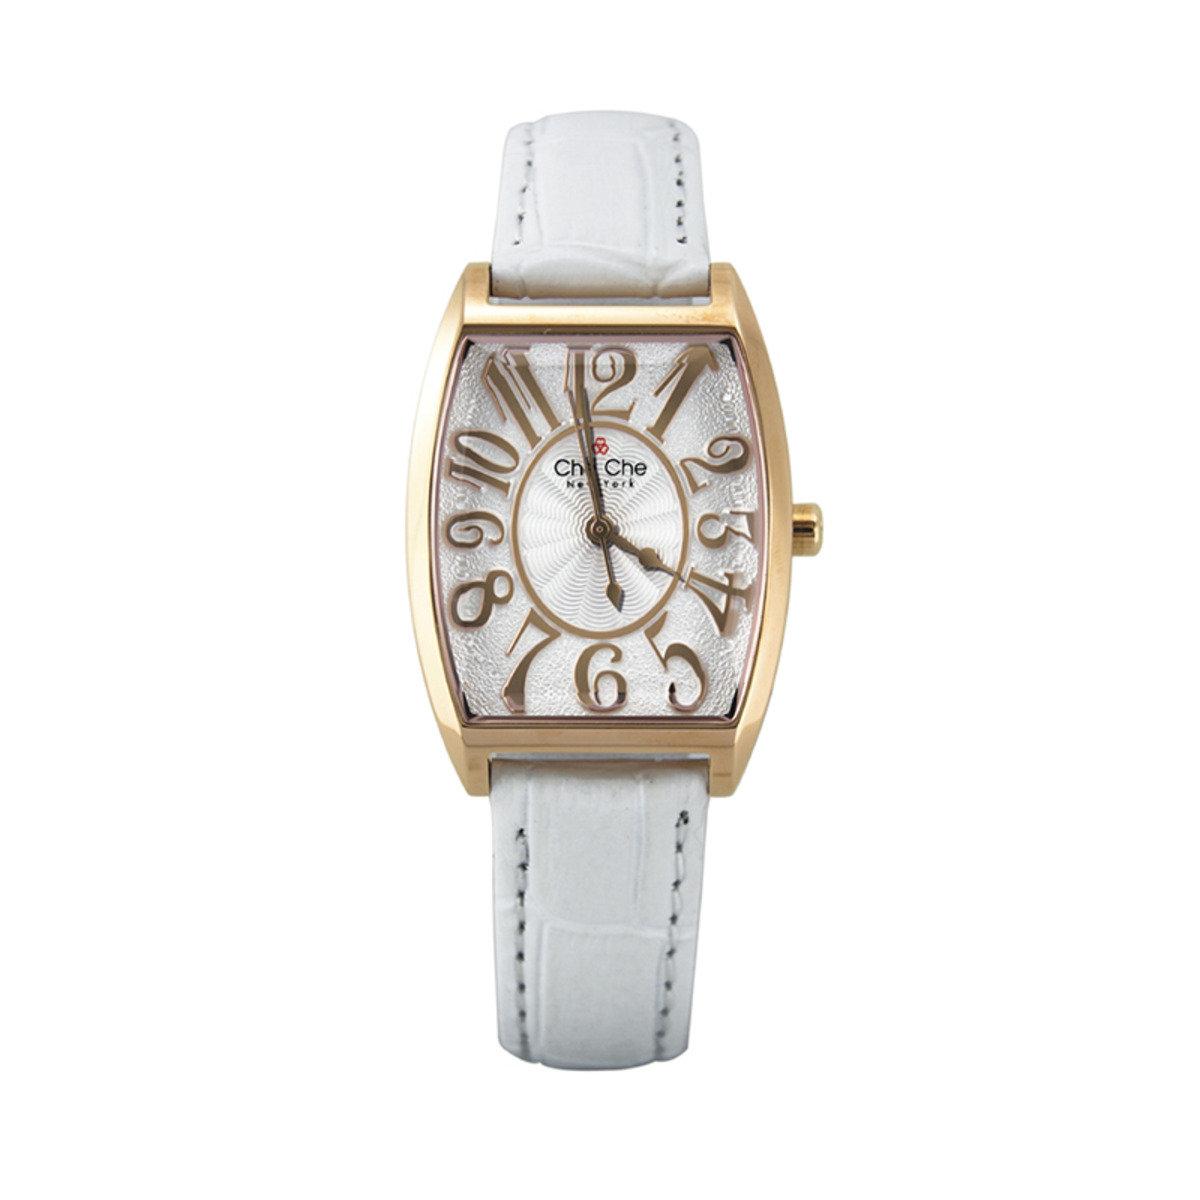 優雅弧形皮帶手腕錶